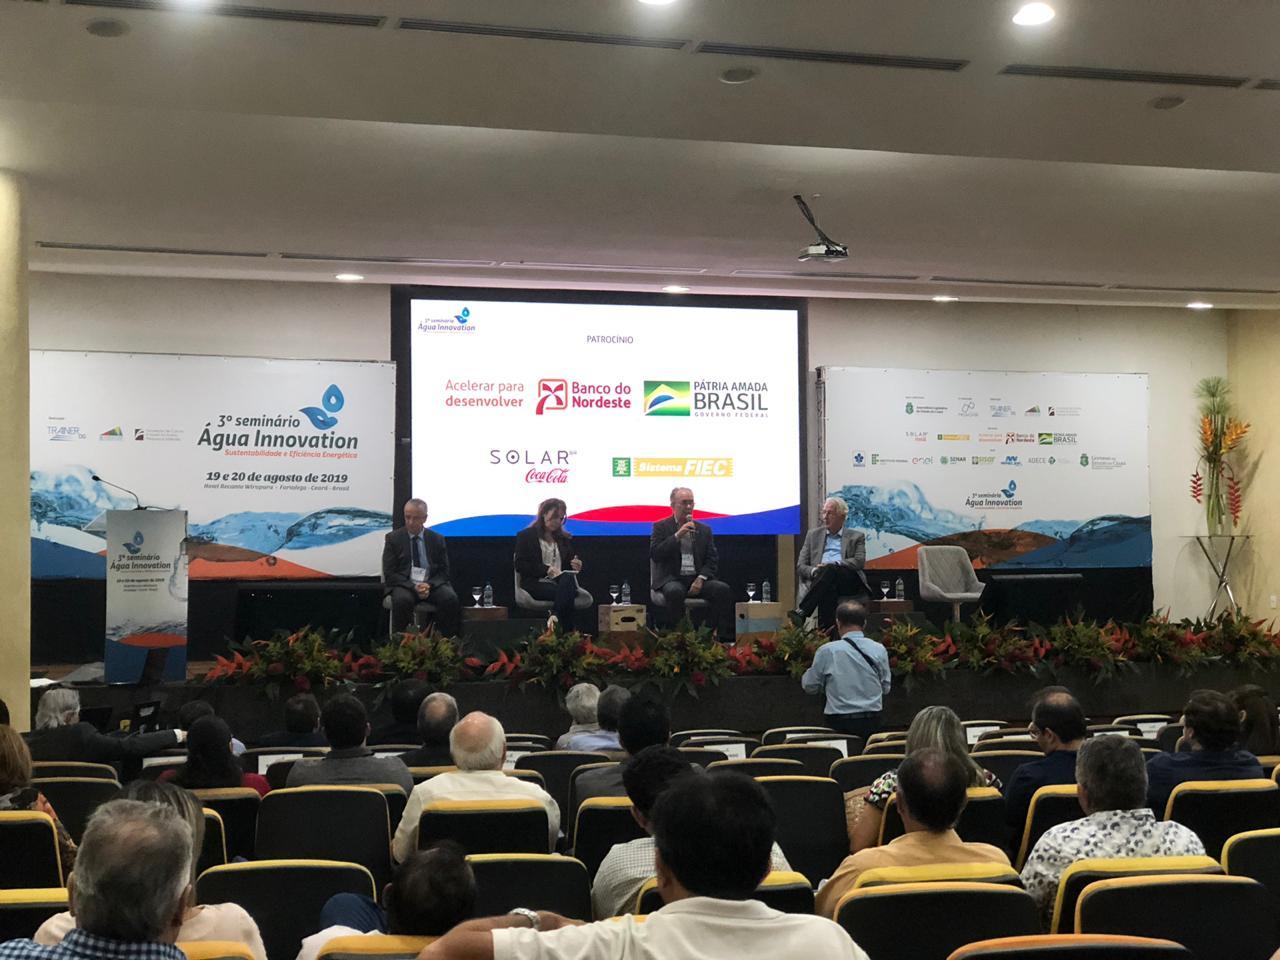 Seminário discute água, sustentabilidade e eficiência energética